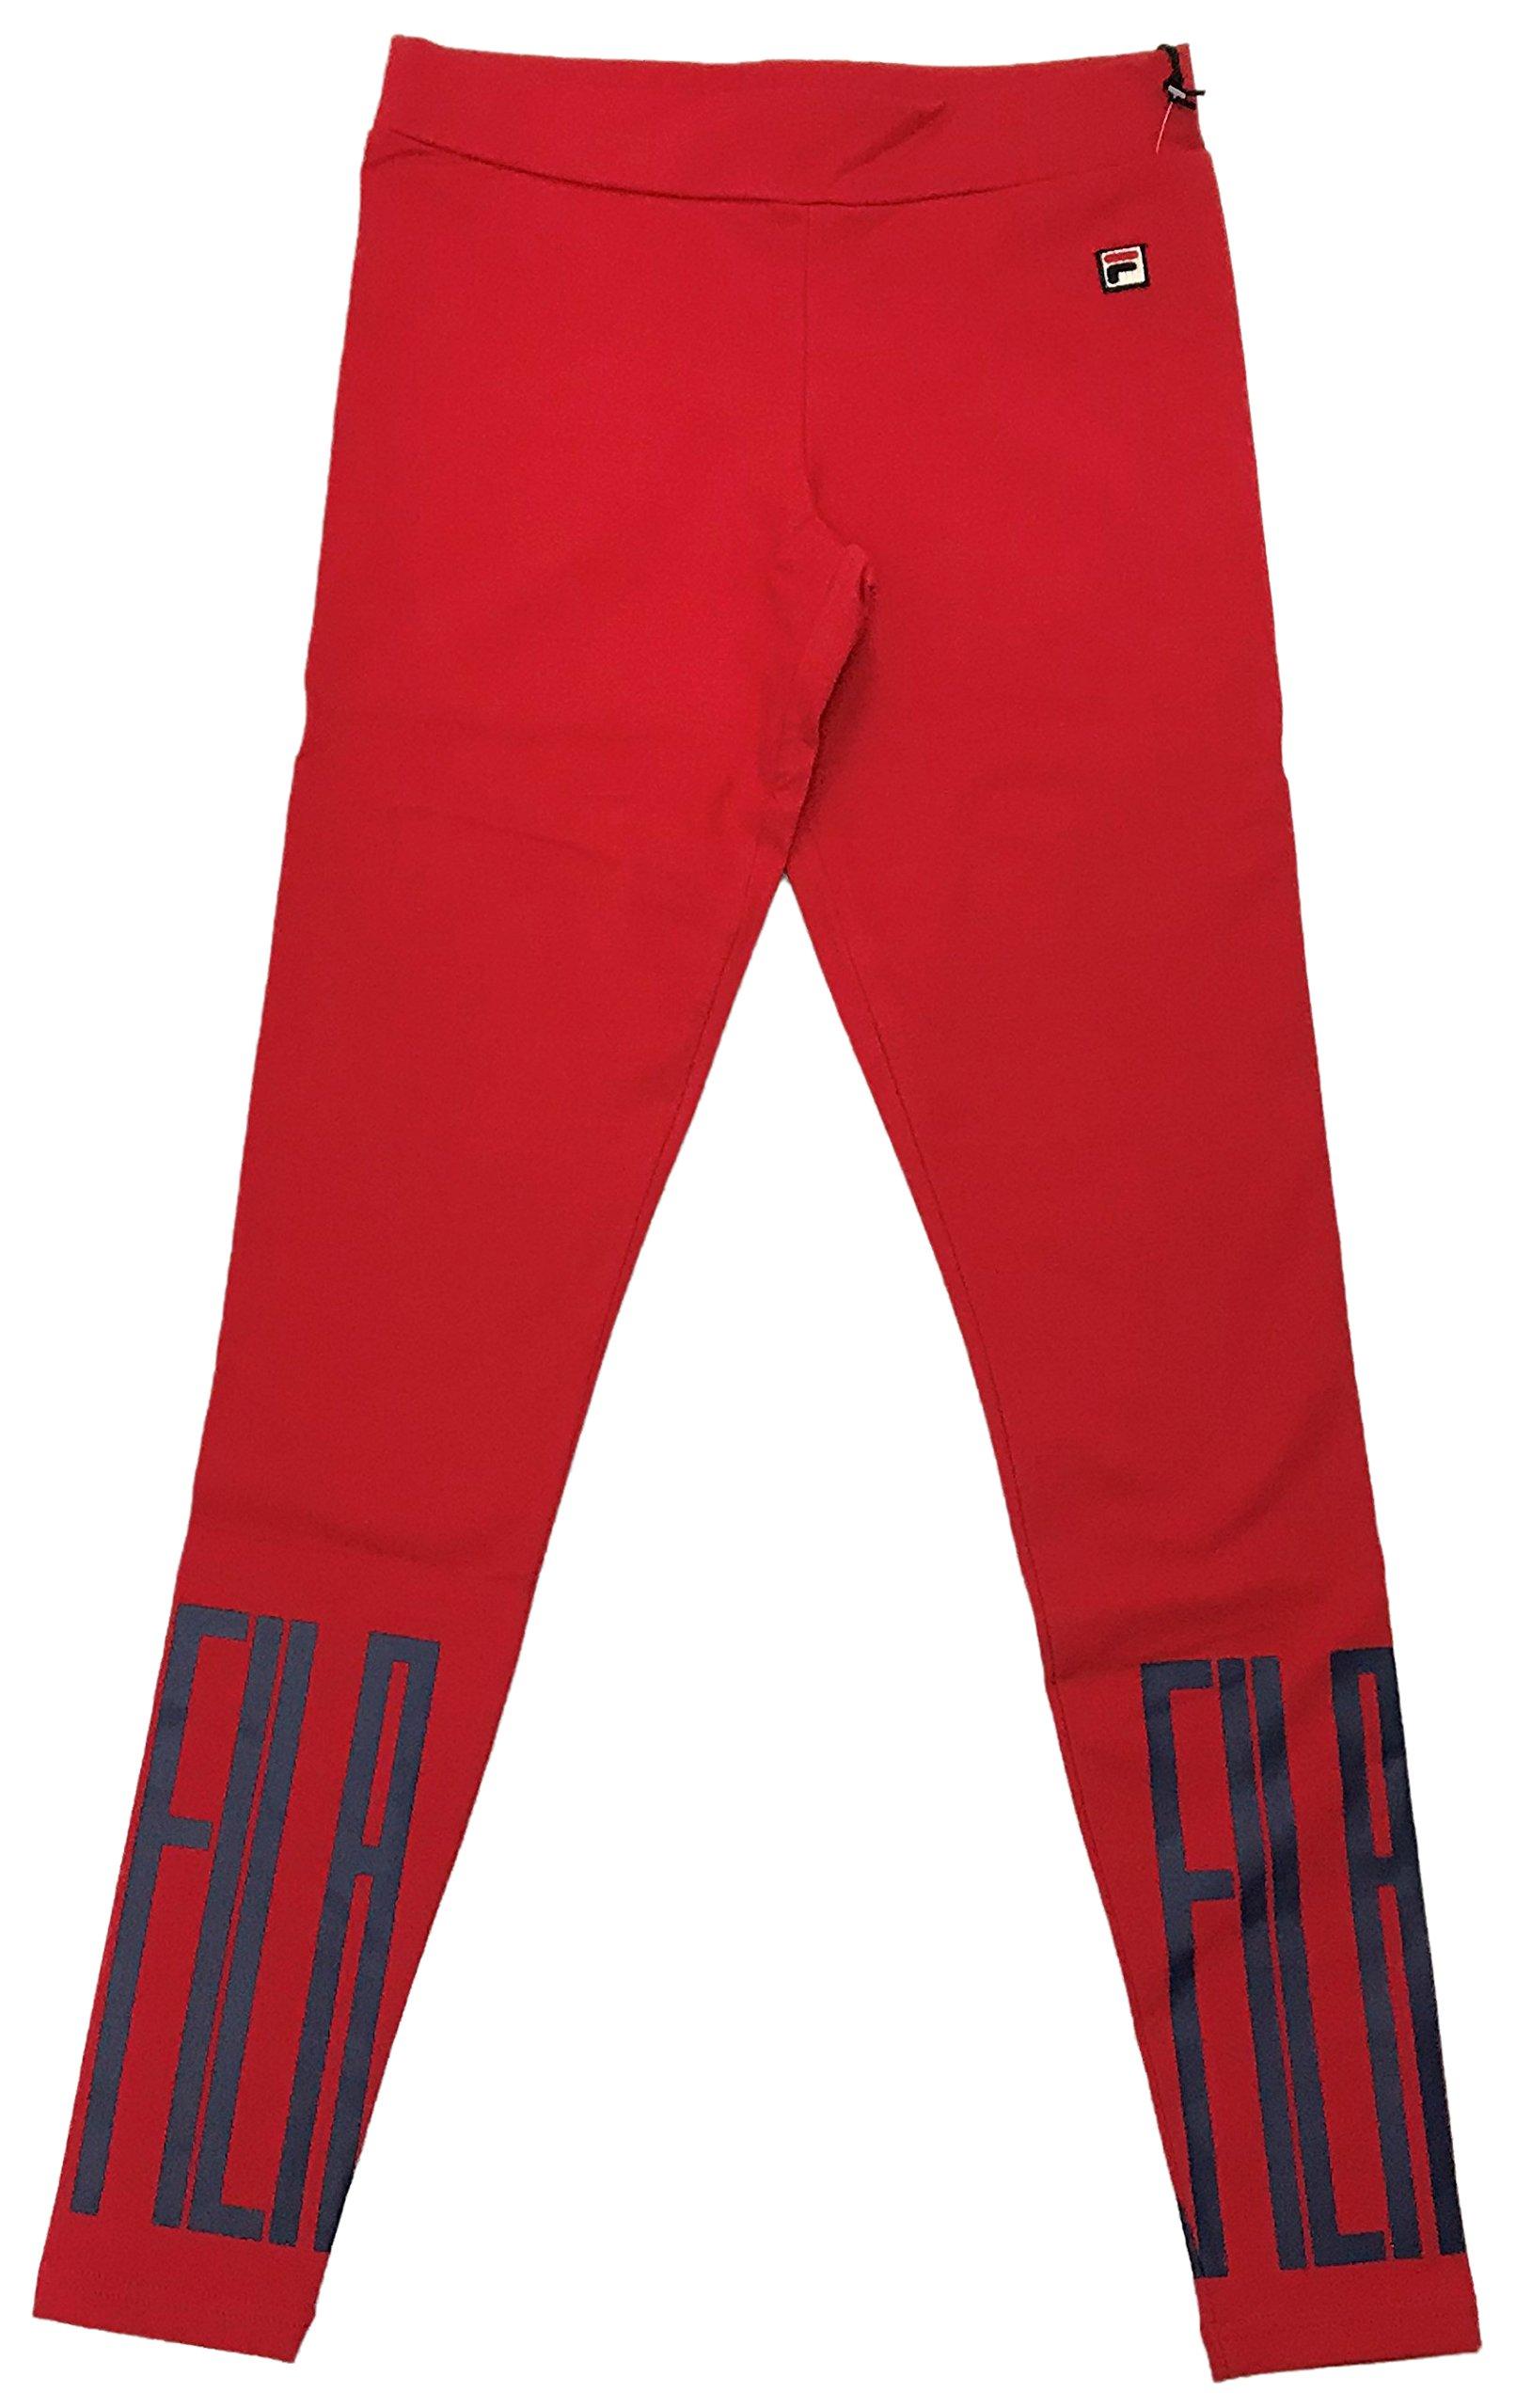 Fila Mariella Leggings (Chinese Red-Peacoat, XL)